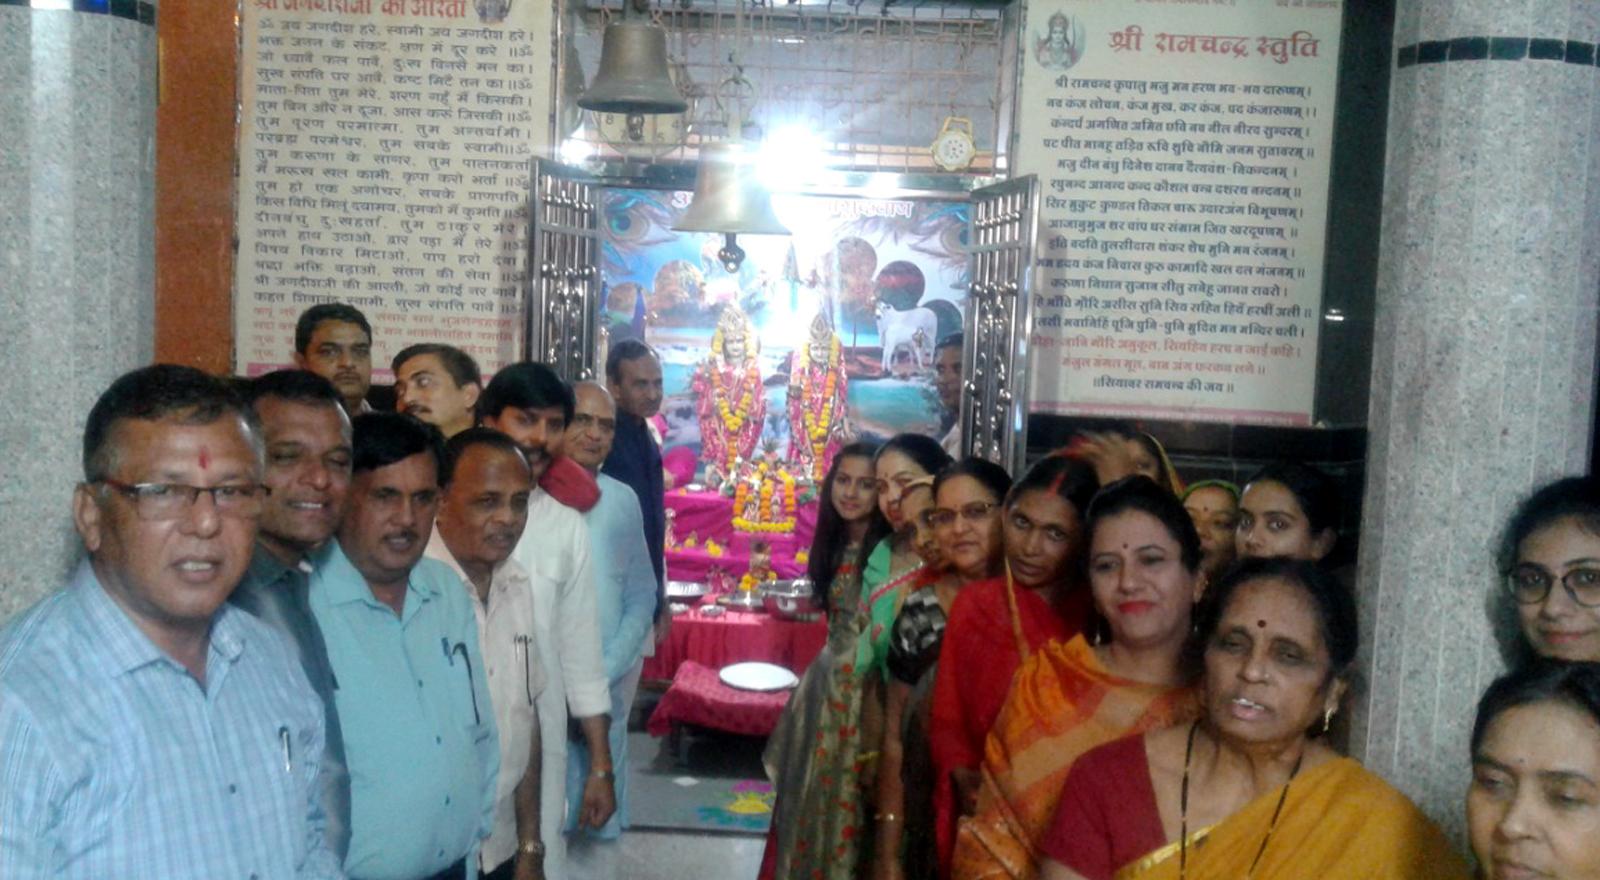 Jhabua News-आसरा पारमार्थिक ट्रस्ट ने मनाया दीपावली मिलन समारोह